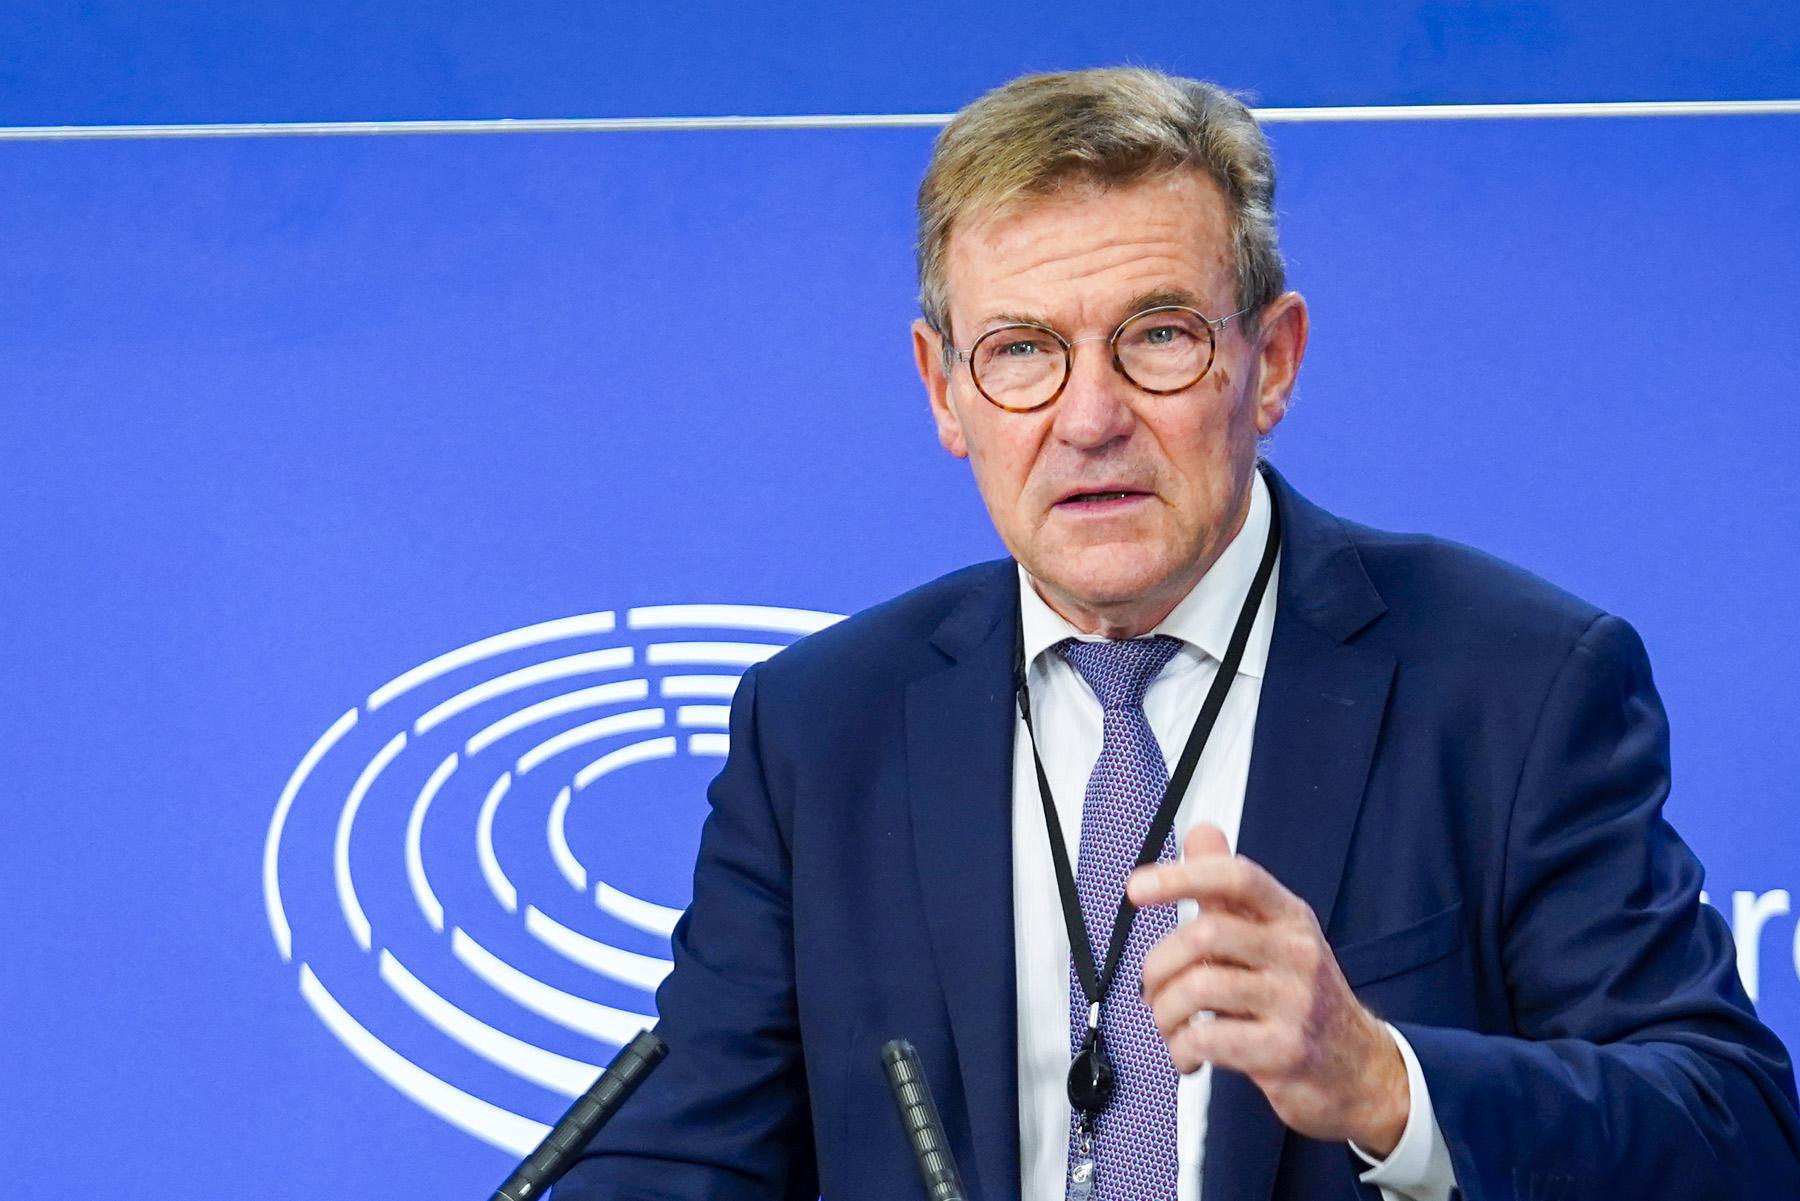 Przewodniczący Komisji Budżetowej PE Johan Van Overtveldt